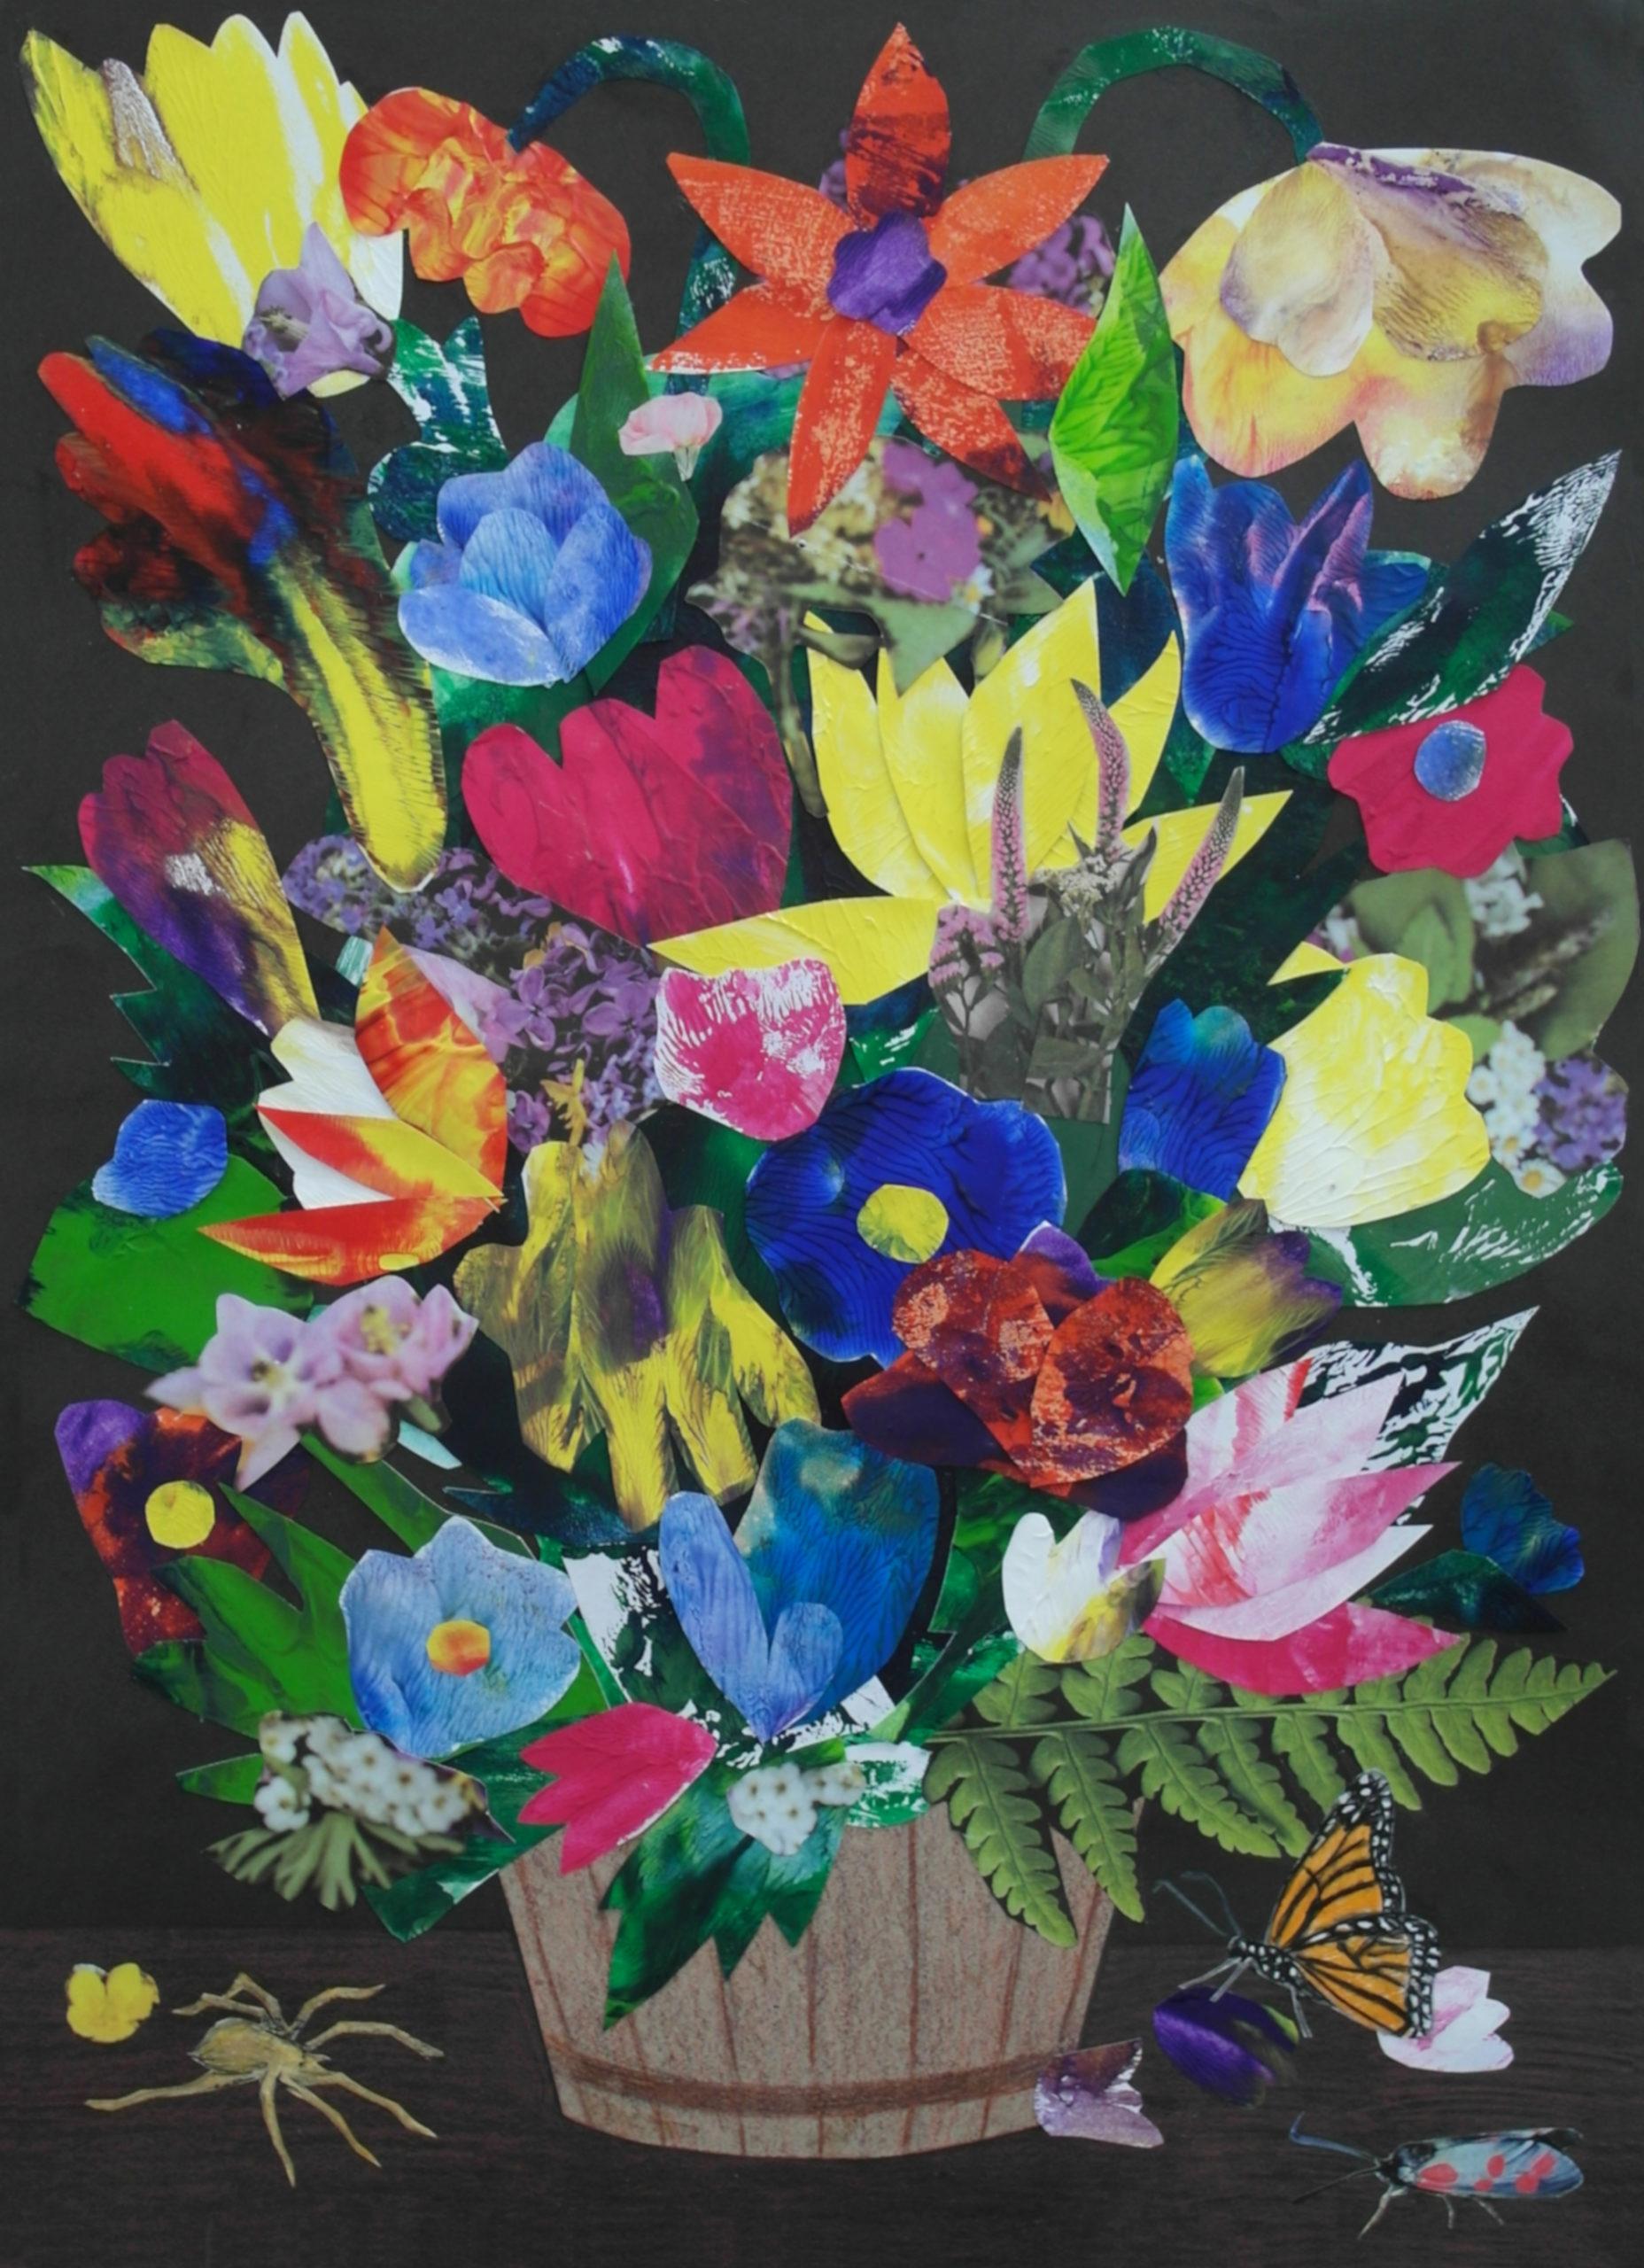 bukiet kwiatów stworzony z wycinanek